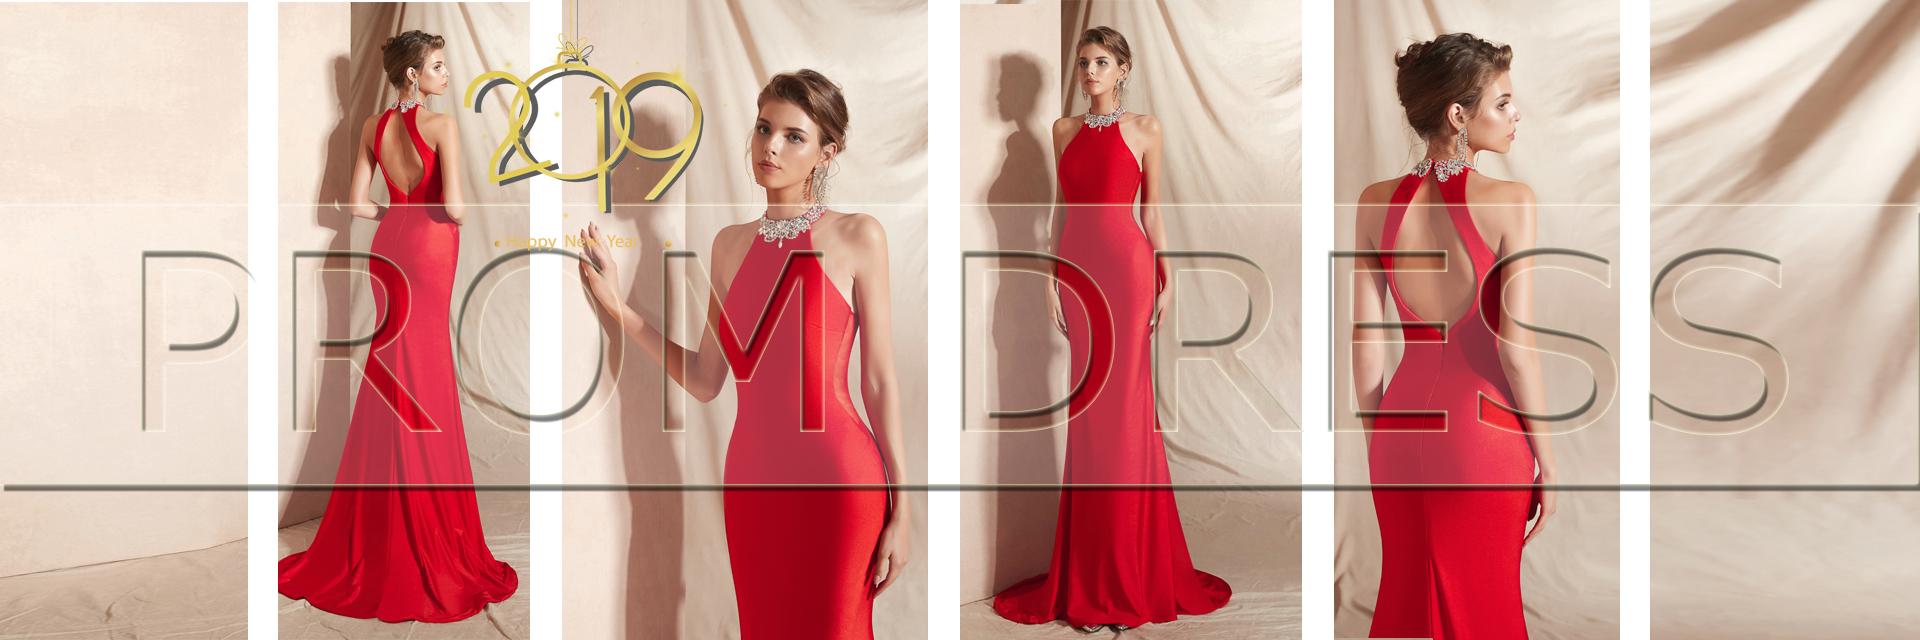 593423e3173 Red Prom Dresses